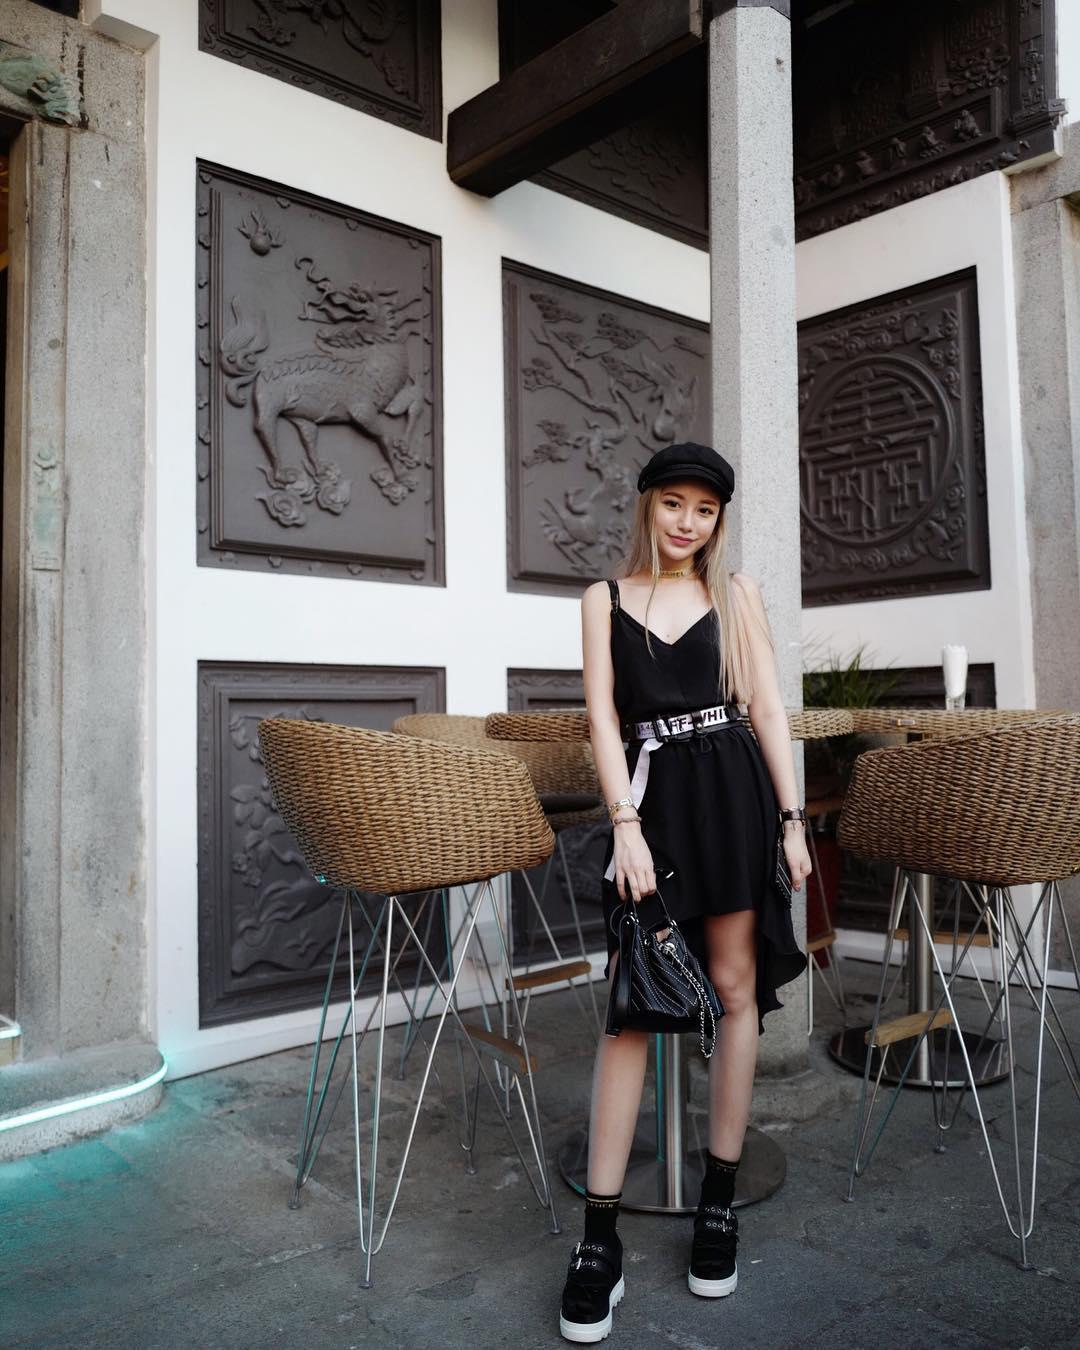 Không hổ danh là con gái của người sở hữu nhiều túi Hermes nhất nhì thế giới, Calista Cuaca cũng chất đừng hỏi - Ảnh 15.